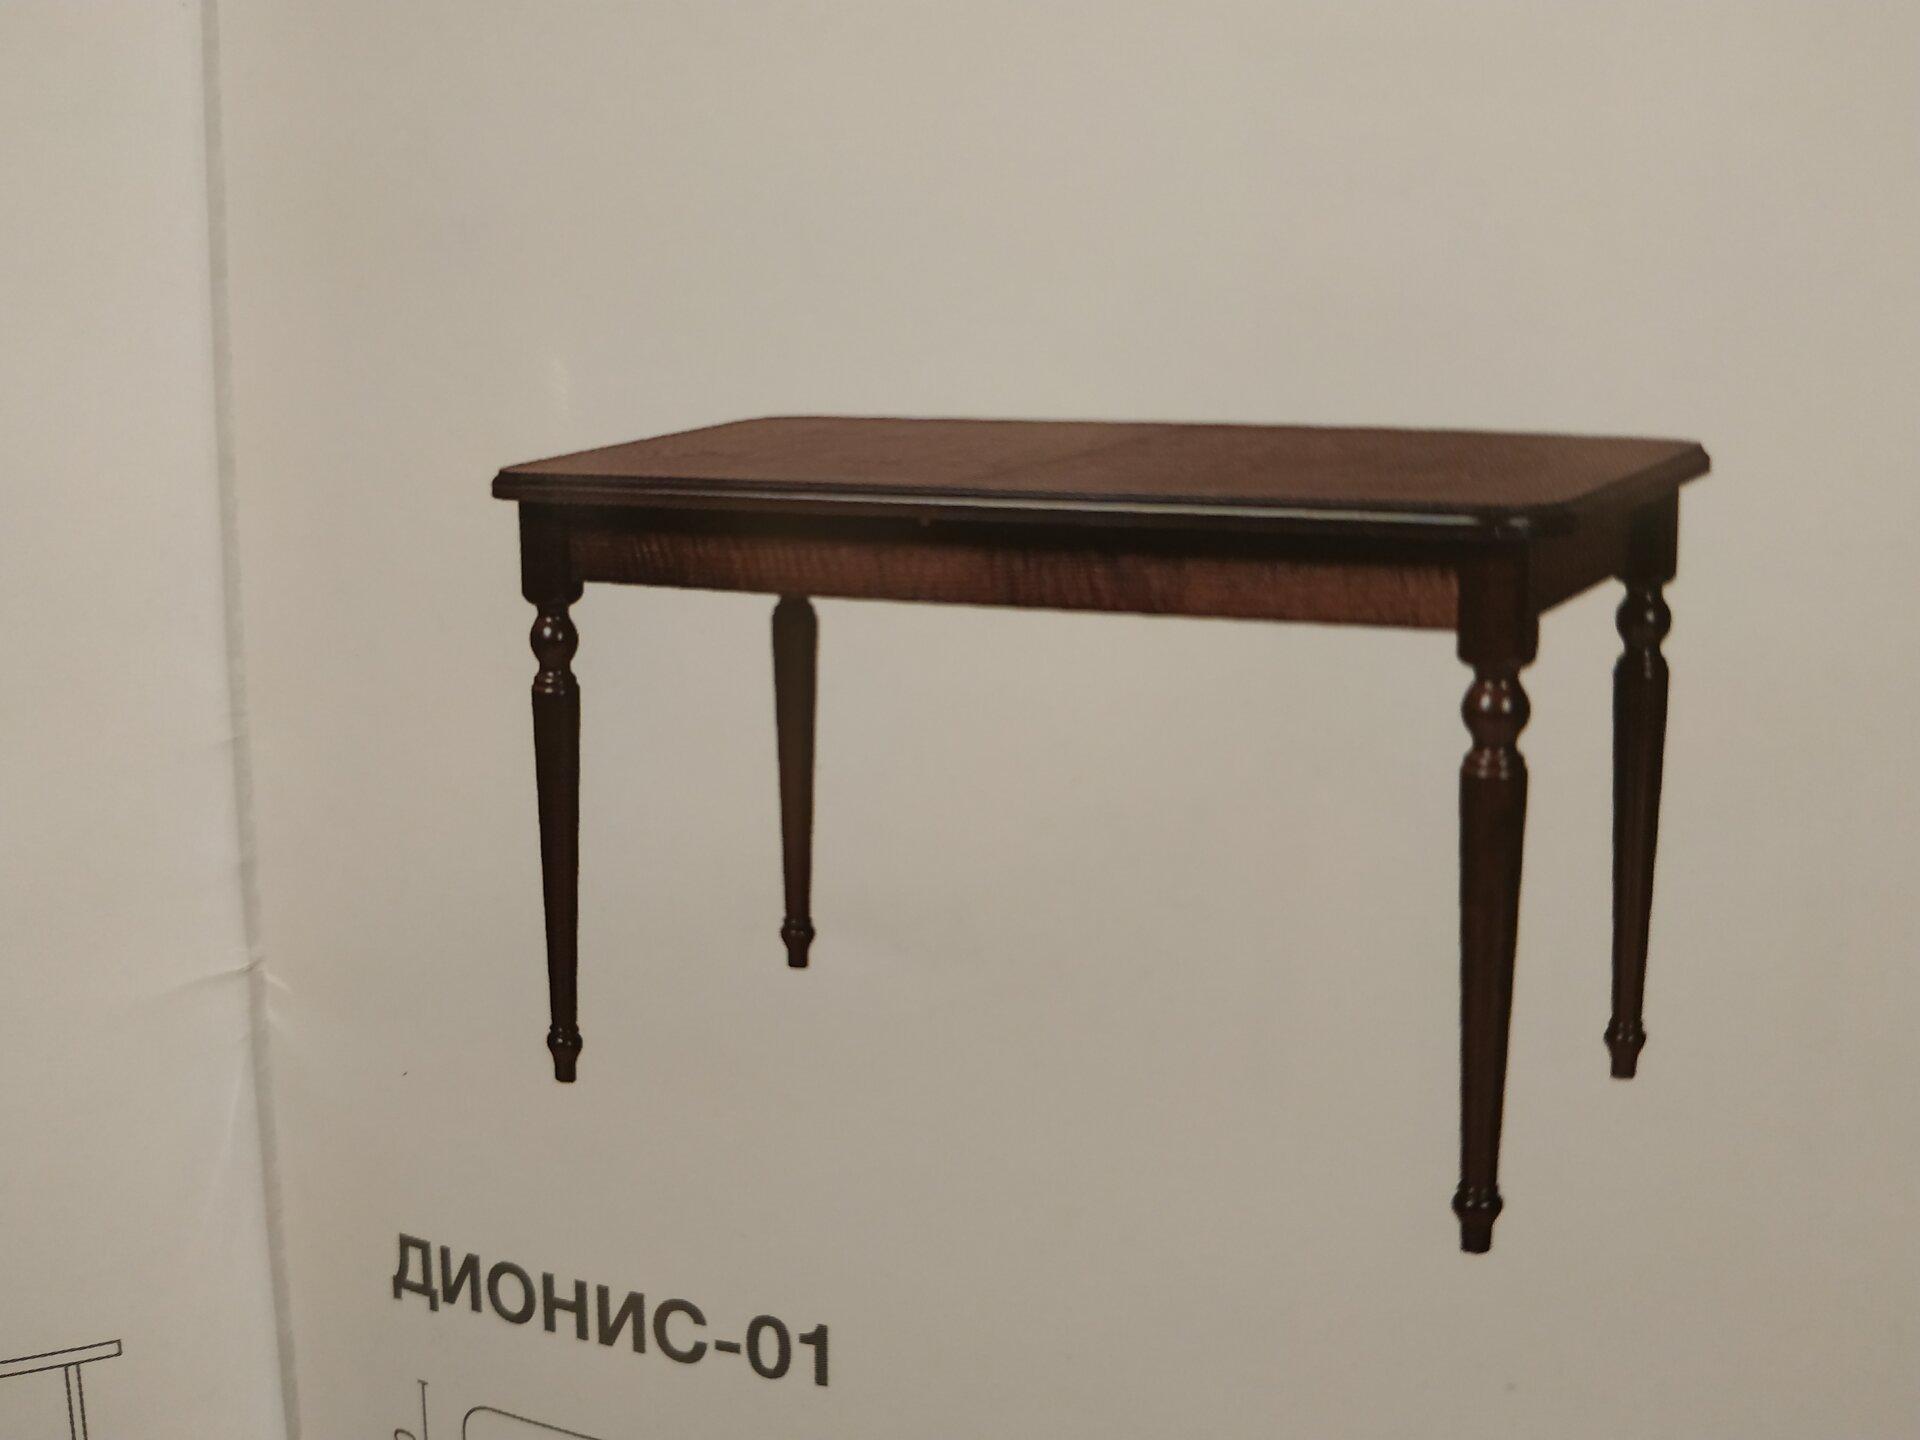 Стол кухонный, Дионис-01 слоновая кость, деревянный, раздвижной (80*120/160 см) - фото pic_9a01a1f9cee8961c18b9c047fcfb6d82_1920x9000_1.jpg